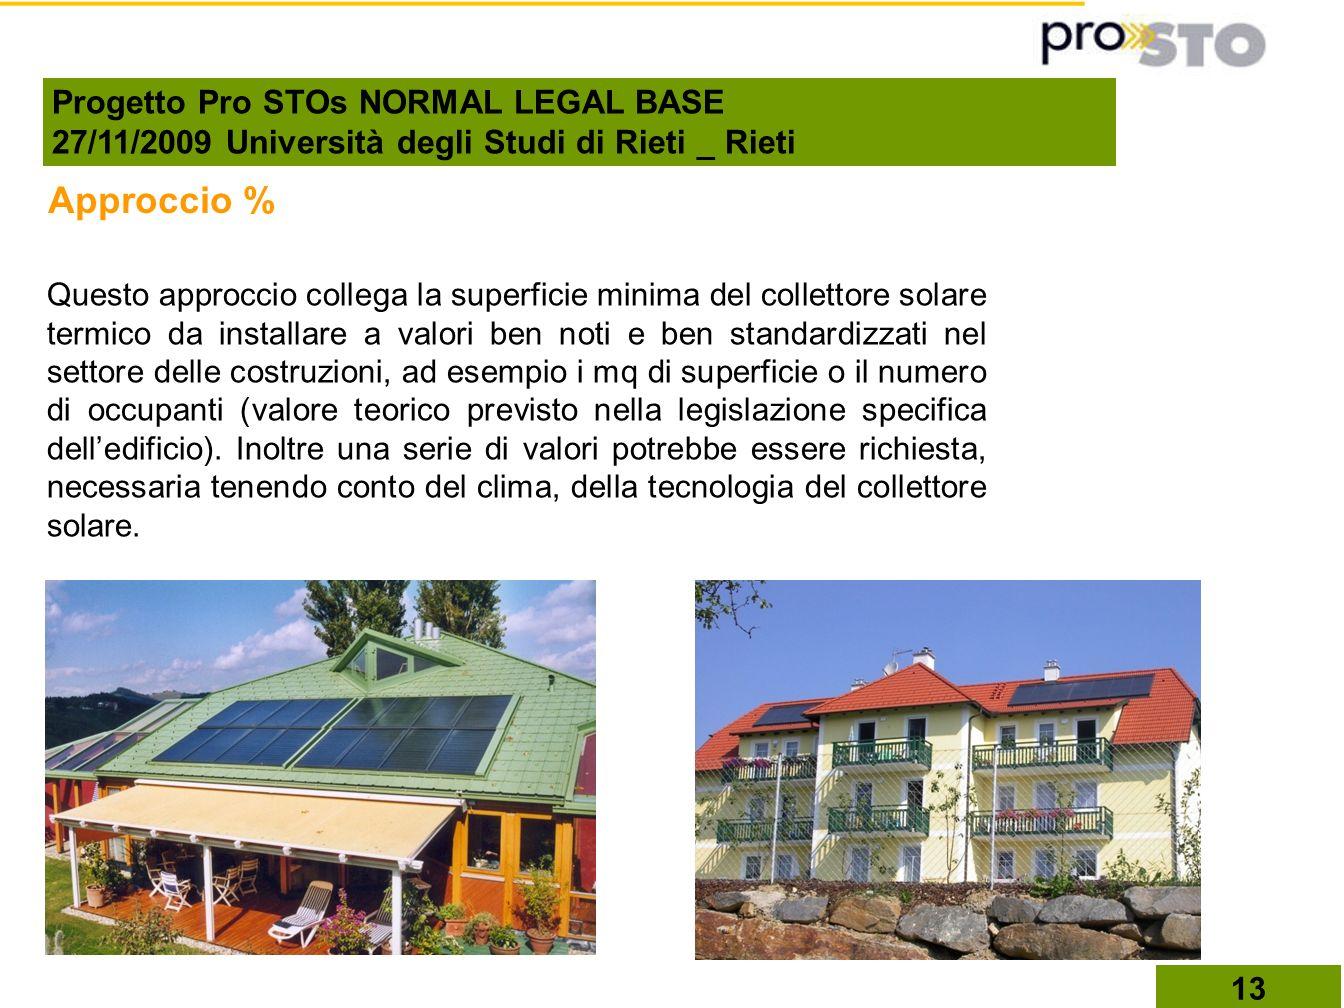 Questo approccio collega la superficie minima del collettore solare termico da installare a valori ben noti e ben standardizzati nel settore delle costruzioni, ad esempio i mq di superficie o il numero di occupanti (valore teorico previsto nella legislazione specifica delledificio).